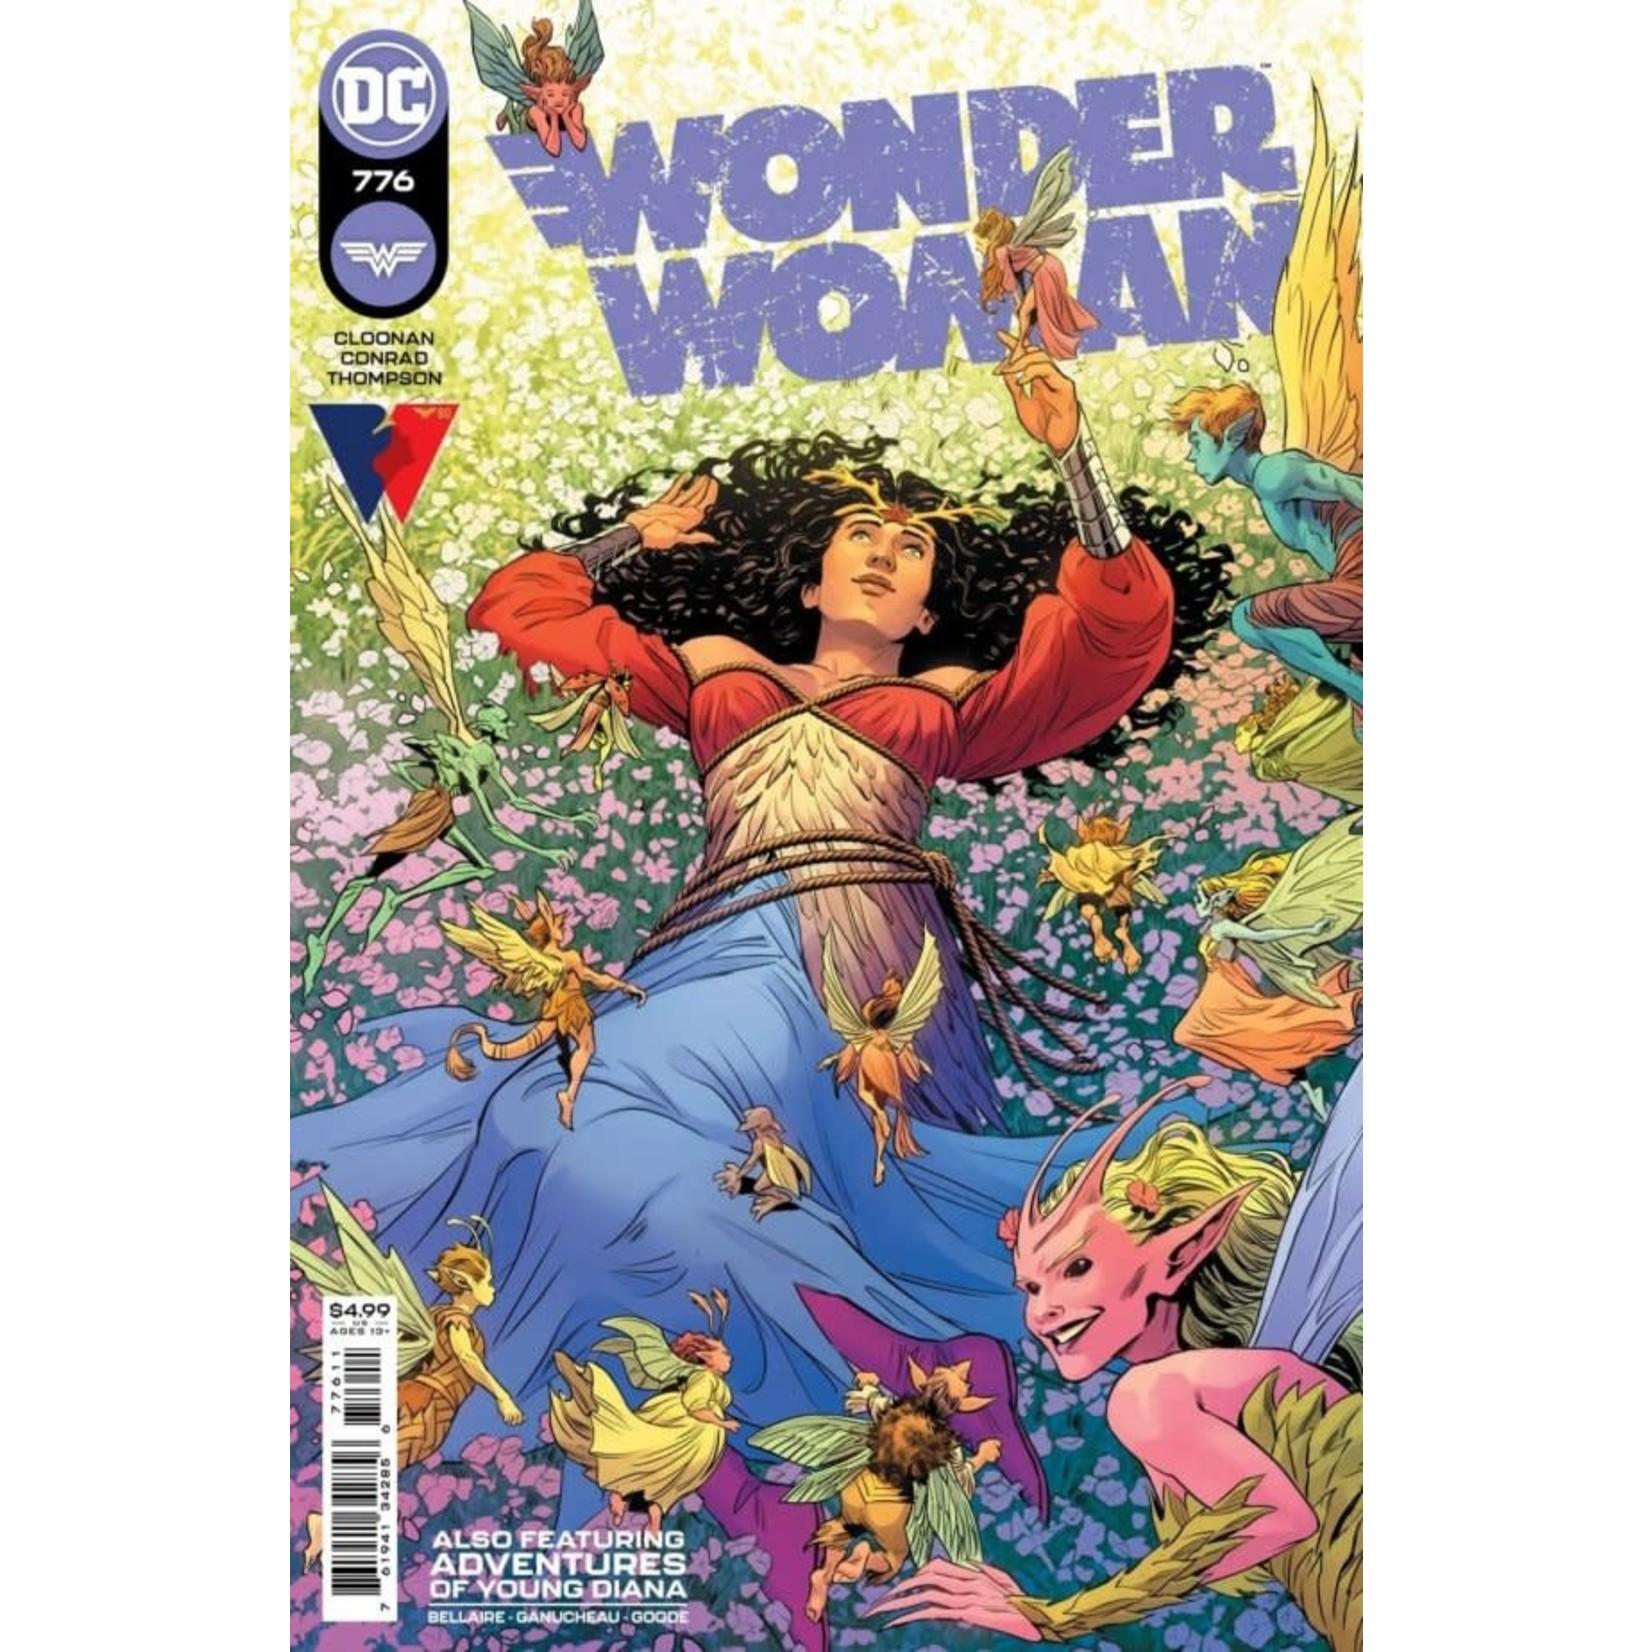 DC Comics Wonder Woman #776